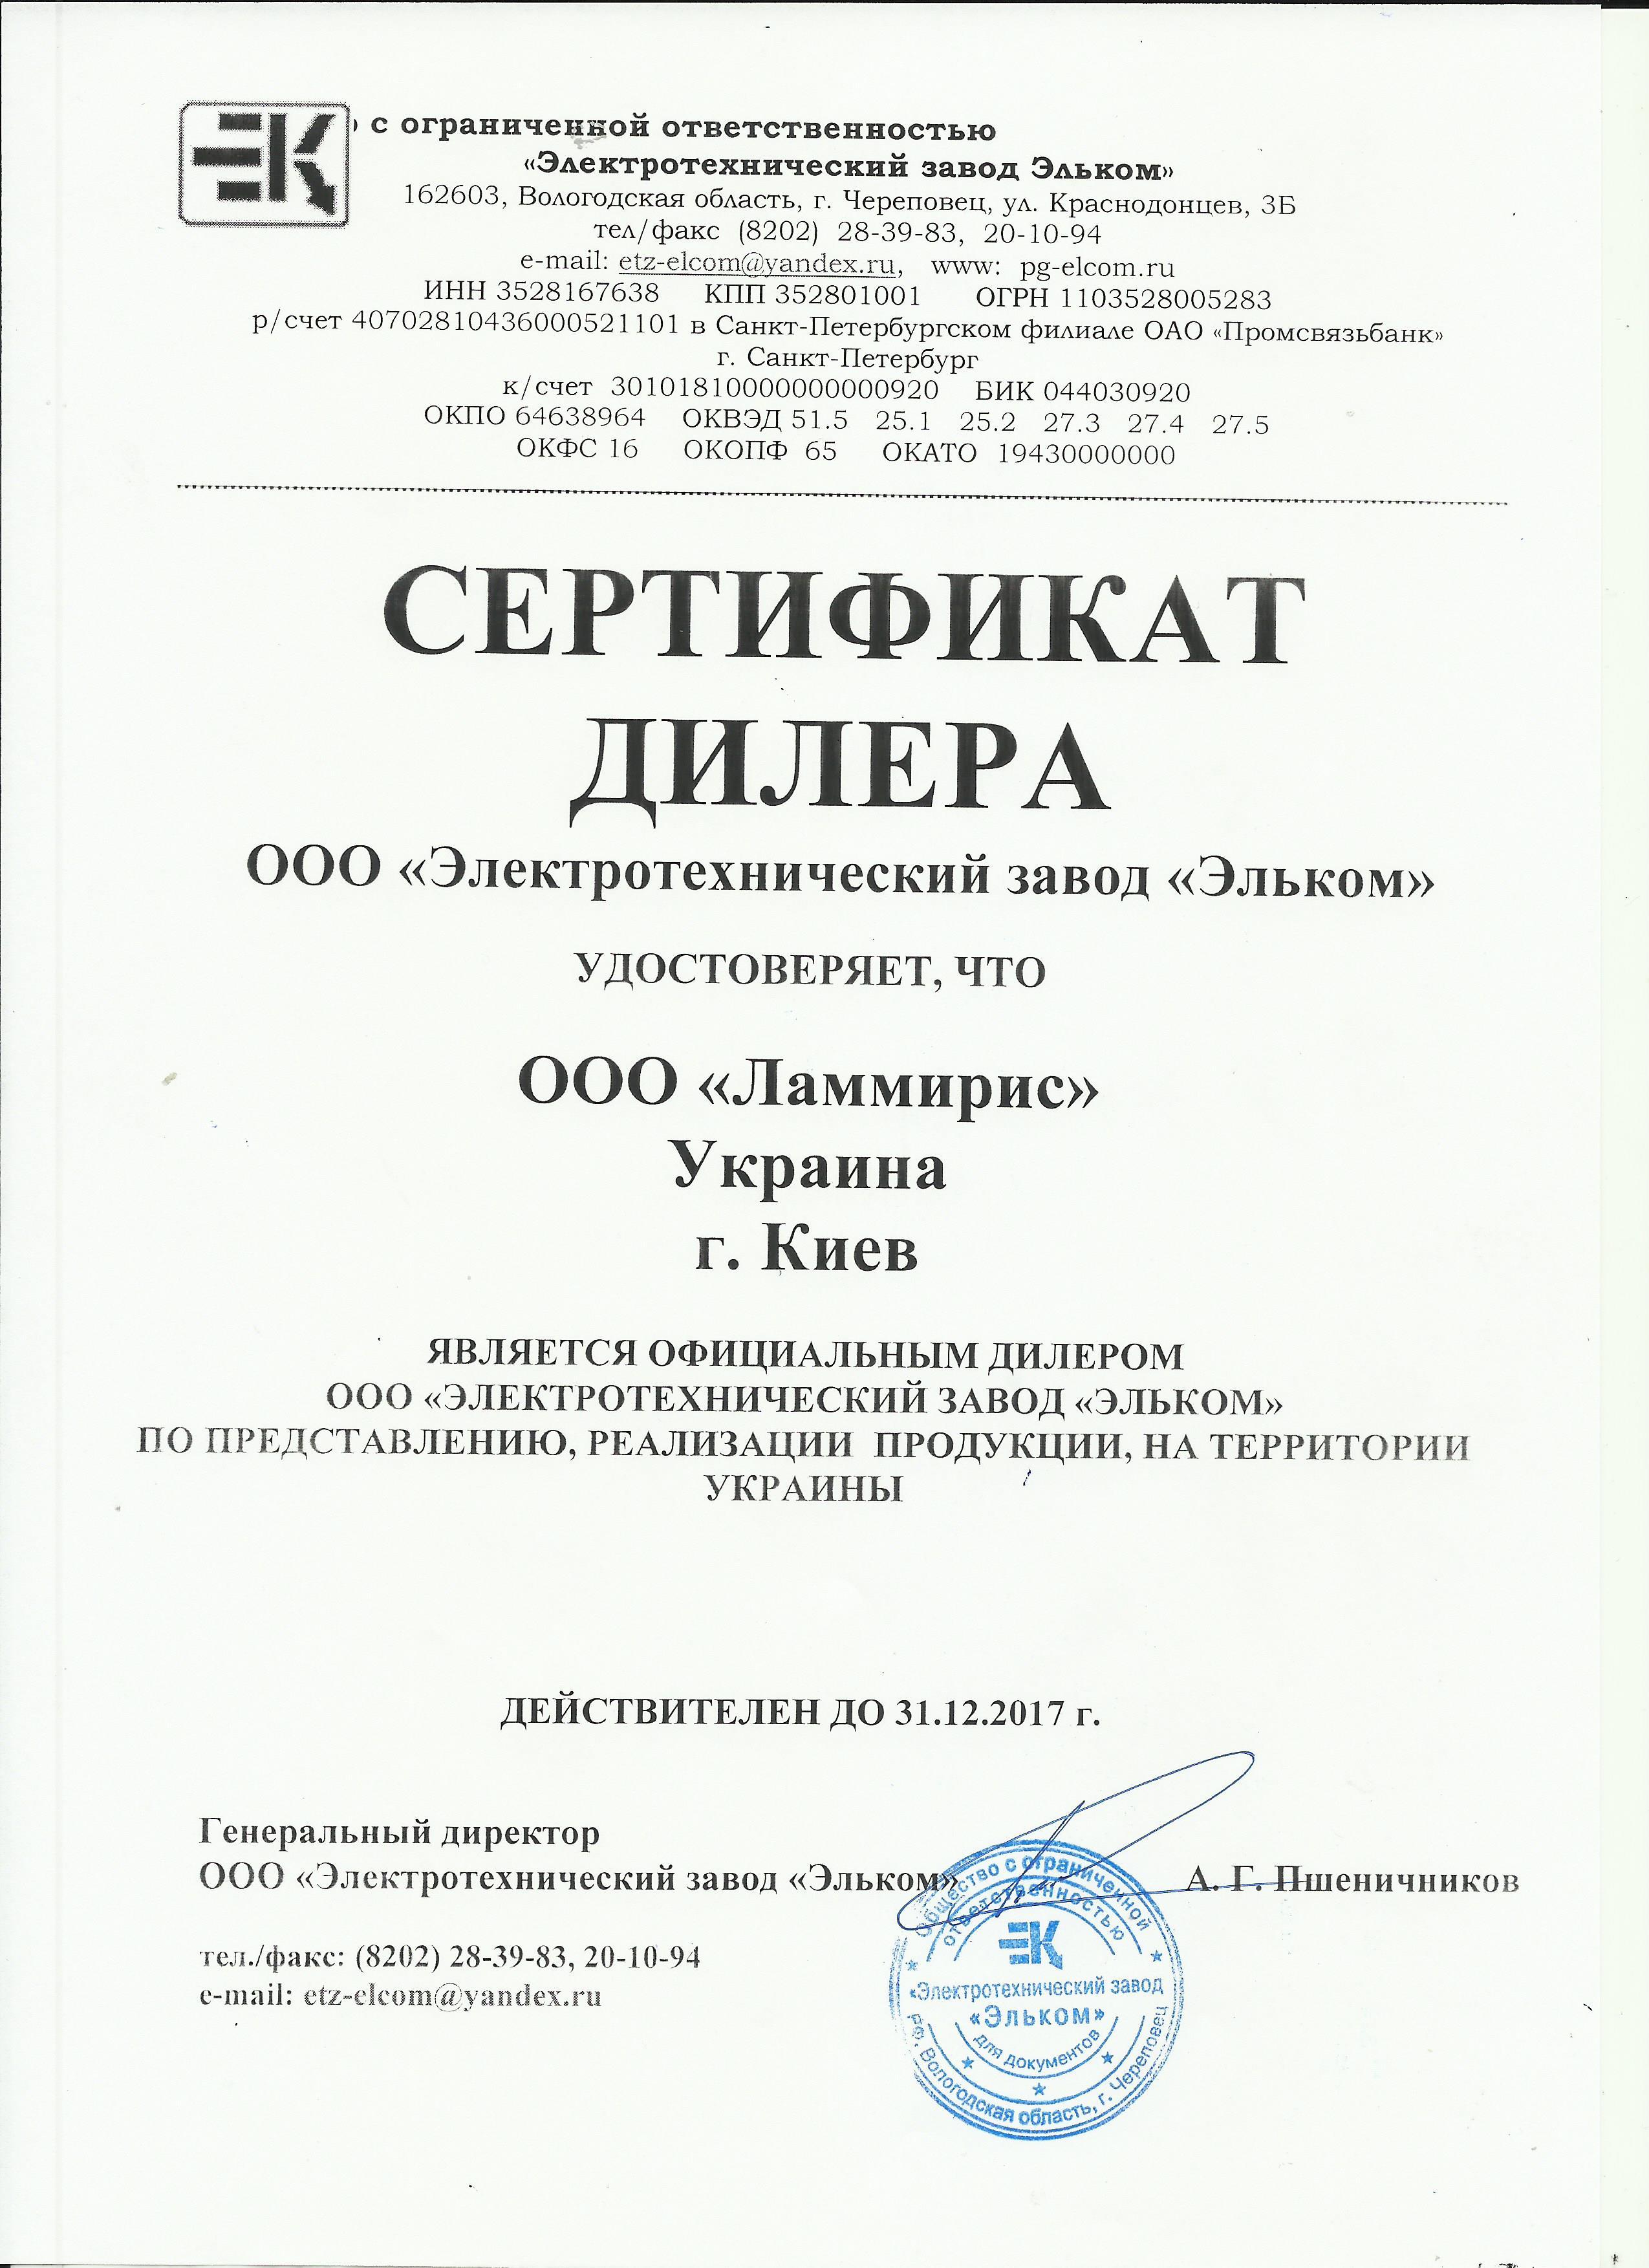 Сертификат Эльком